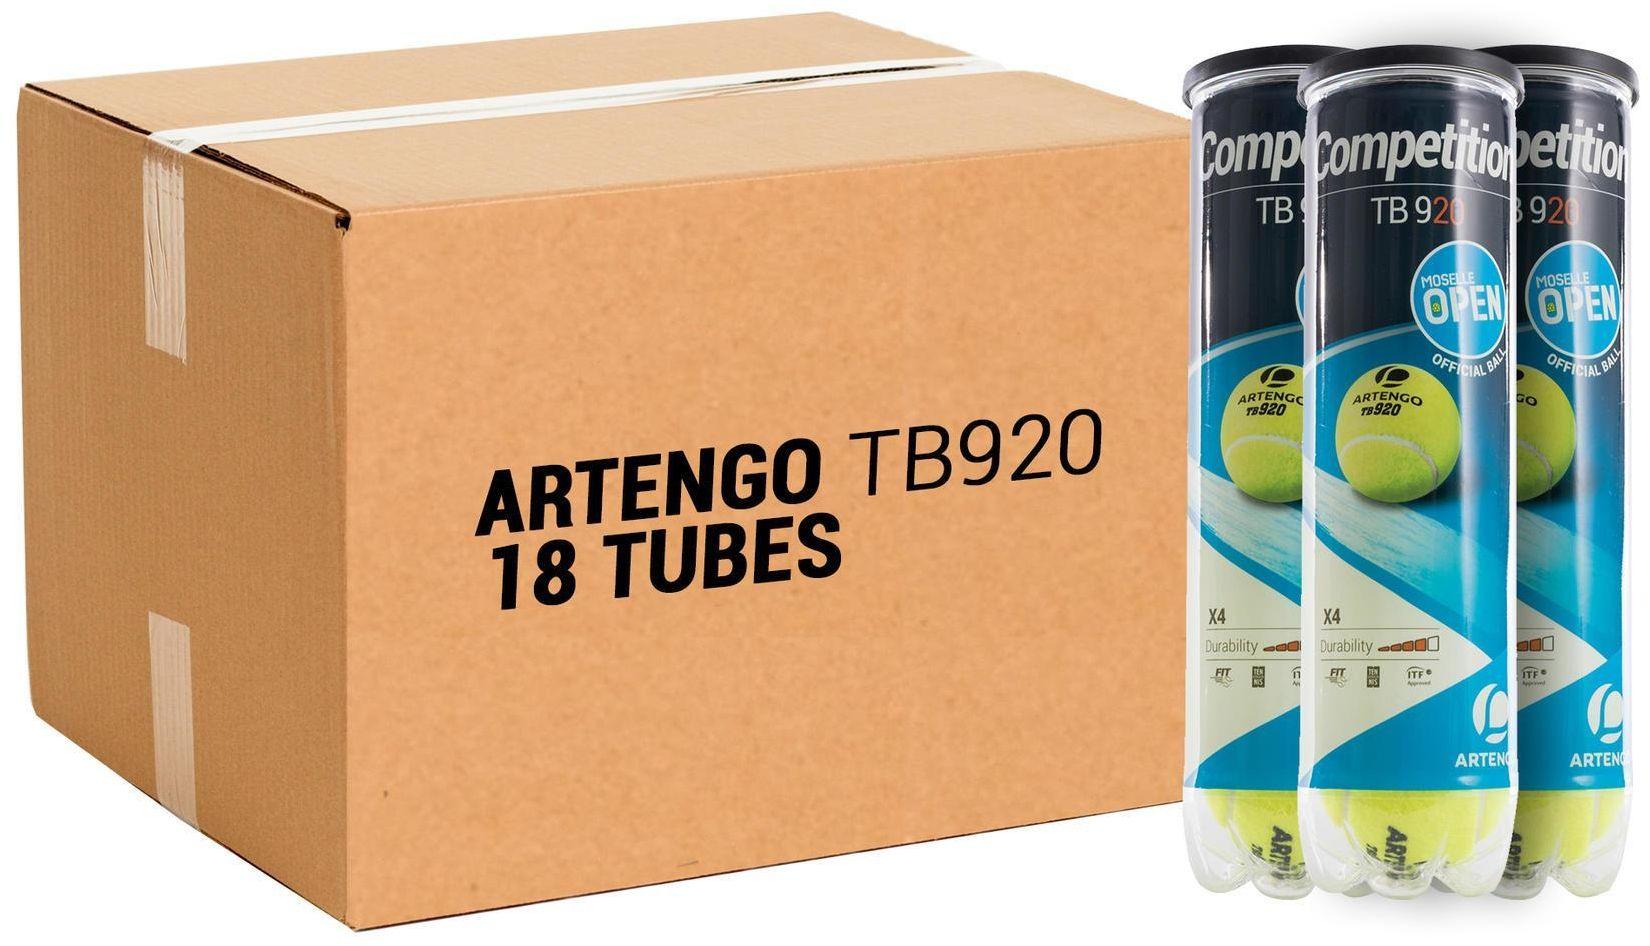 Piłka tenisowa Artengo TB920 18 puszek po 4 piłki